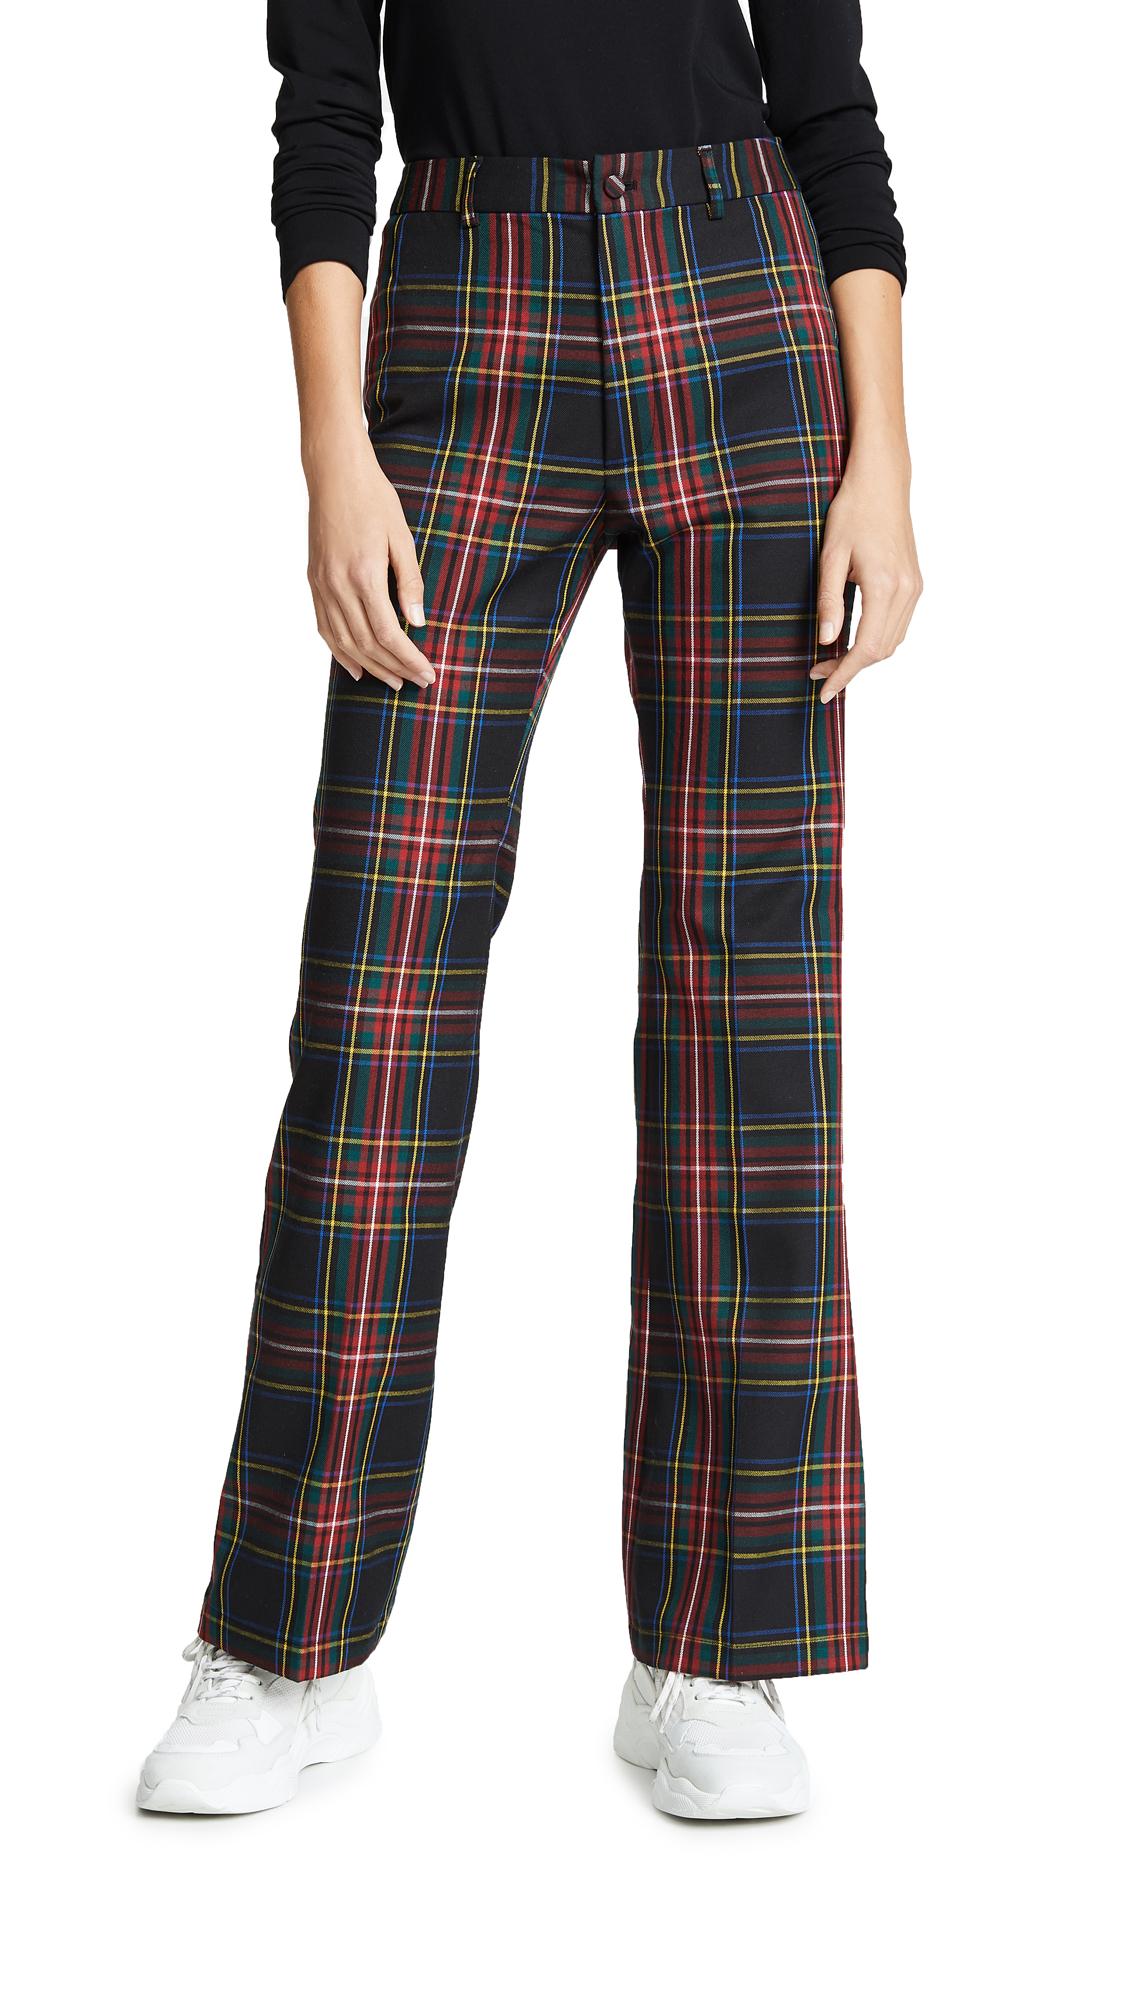 Cynthia Rowley Plaid Wool Pants - Plaid